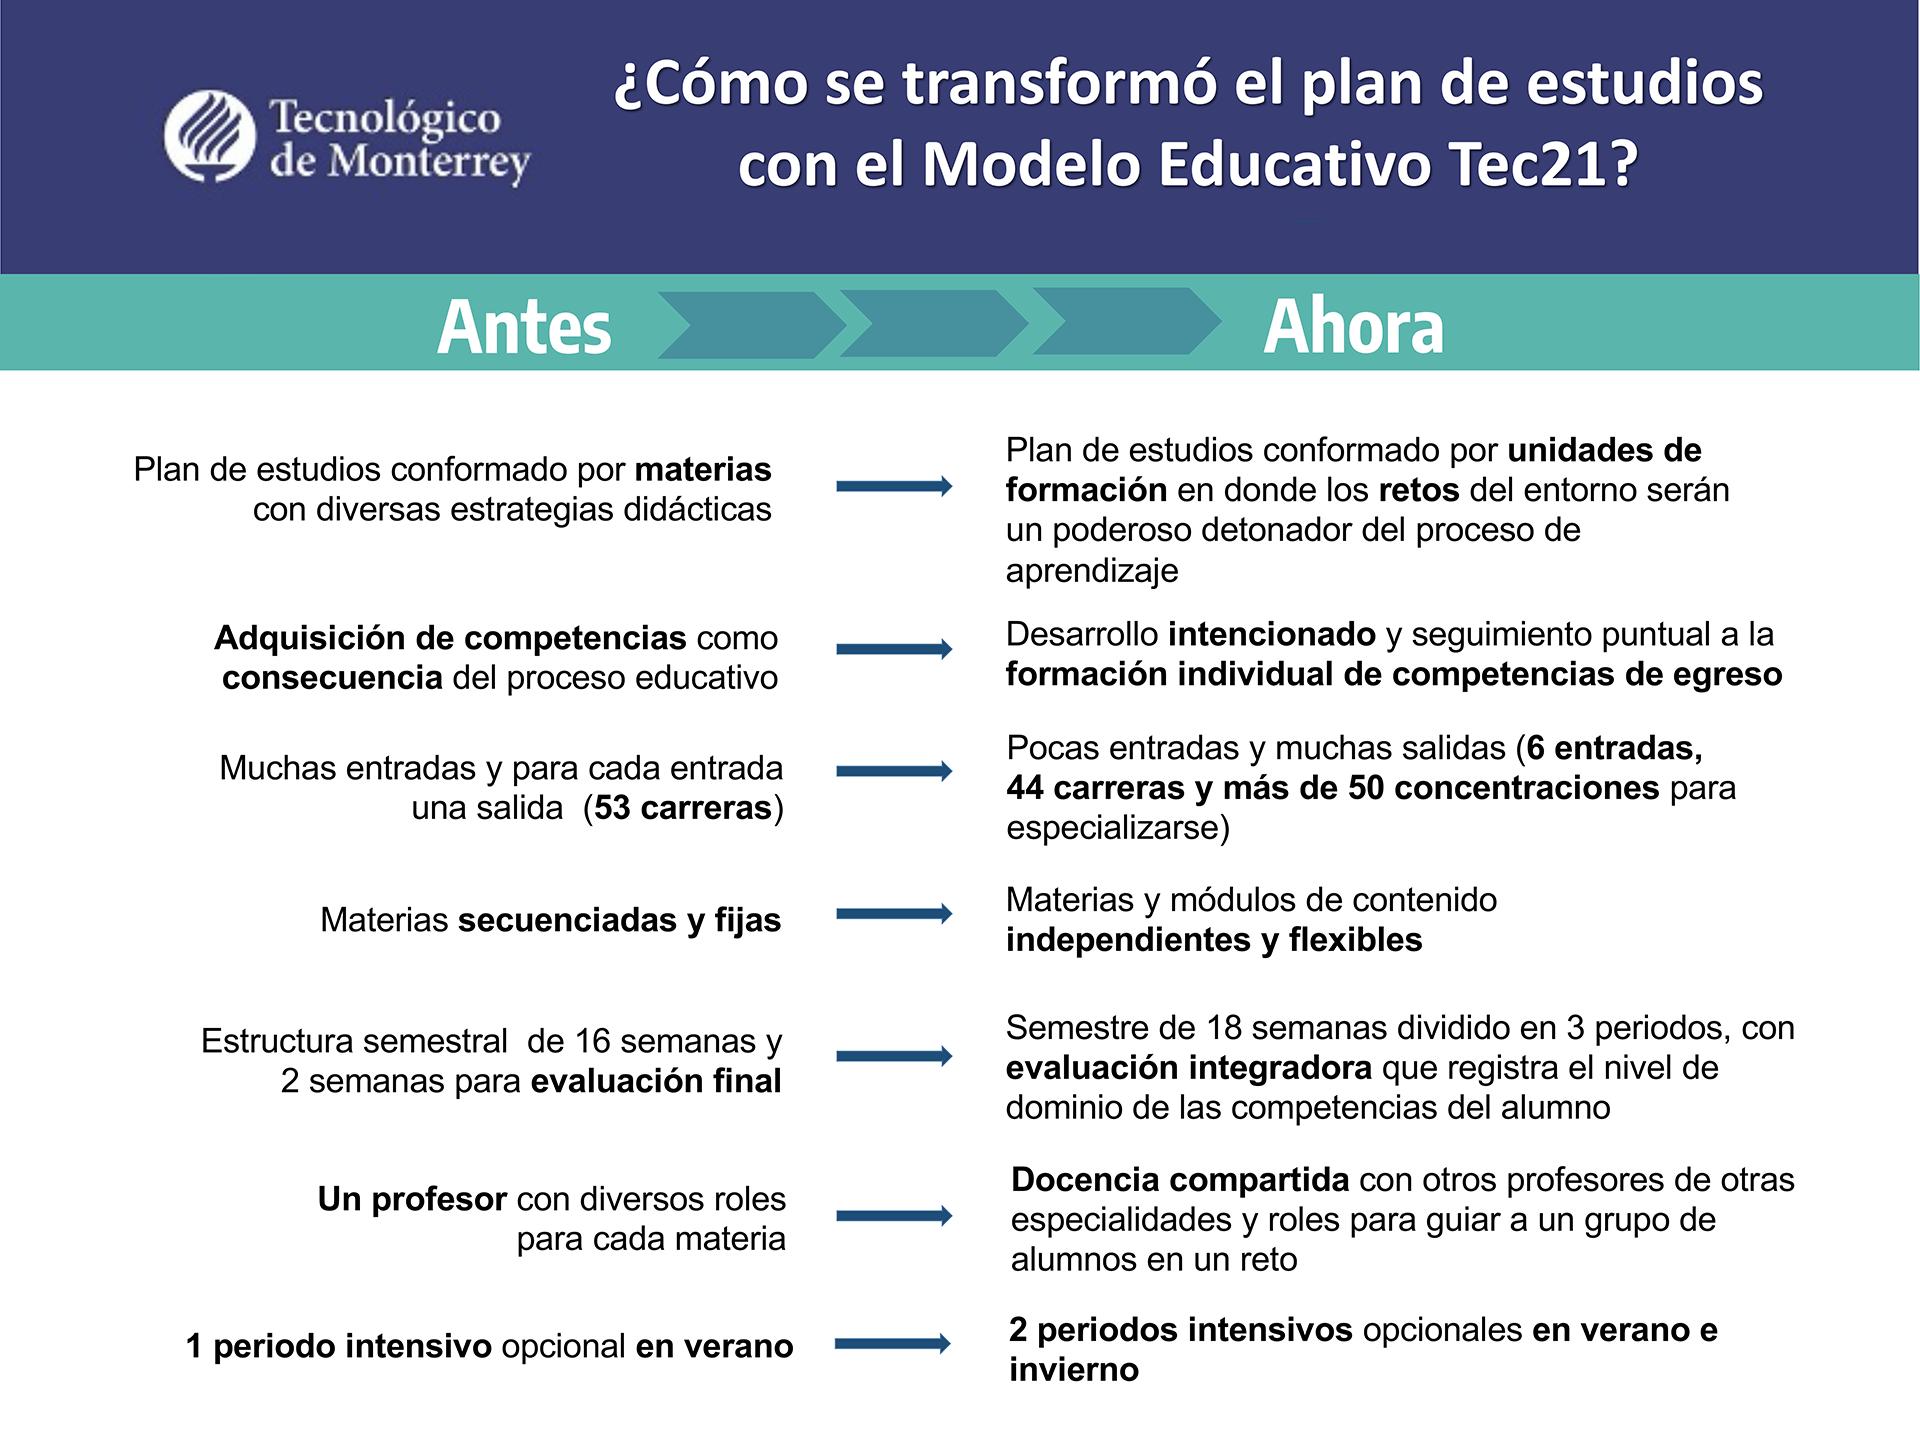 Transformación de Modelo Educativo Tec21